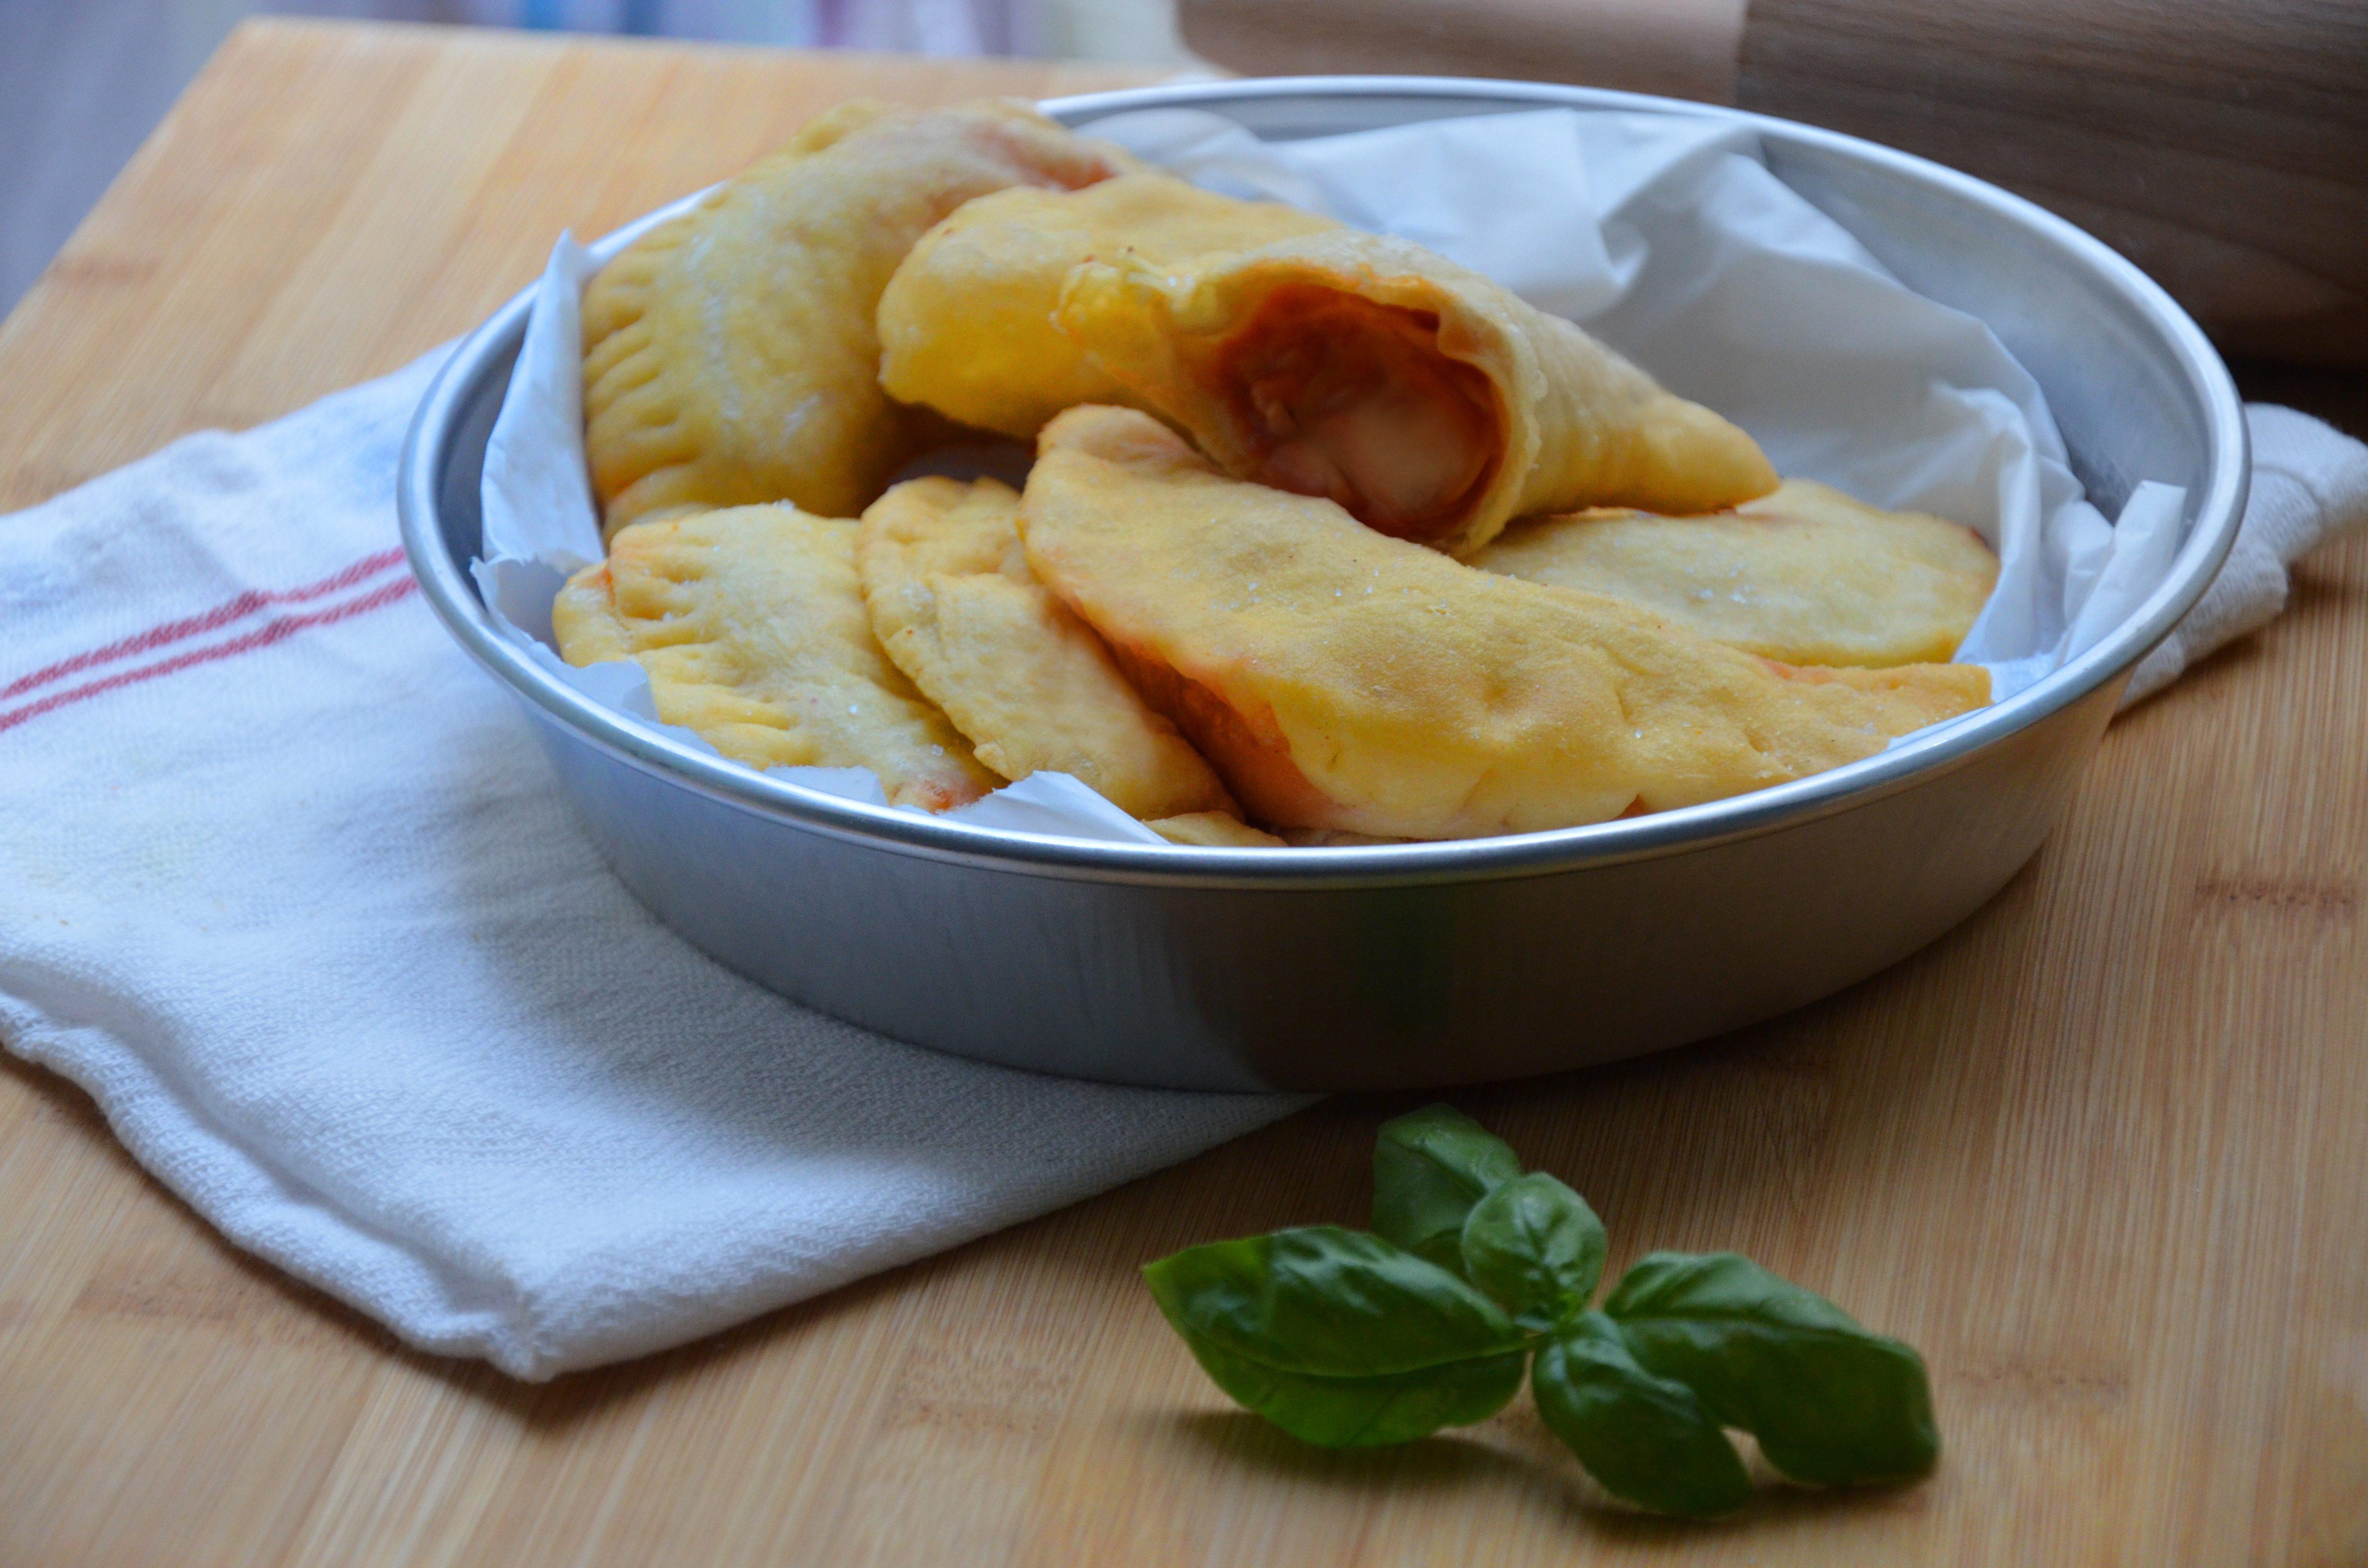 Panzerotti con pomodoro e mozzarella: la ricetta dello street food pugliese